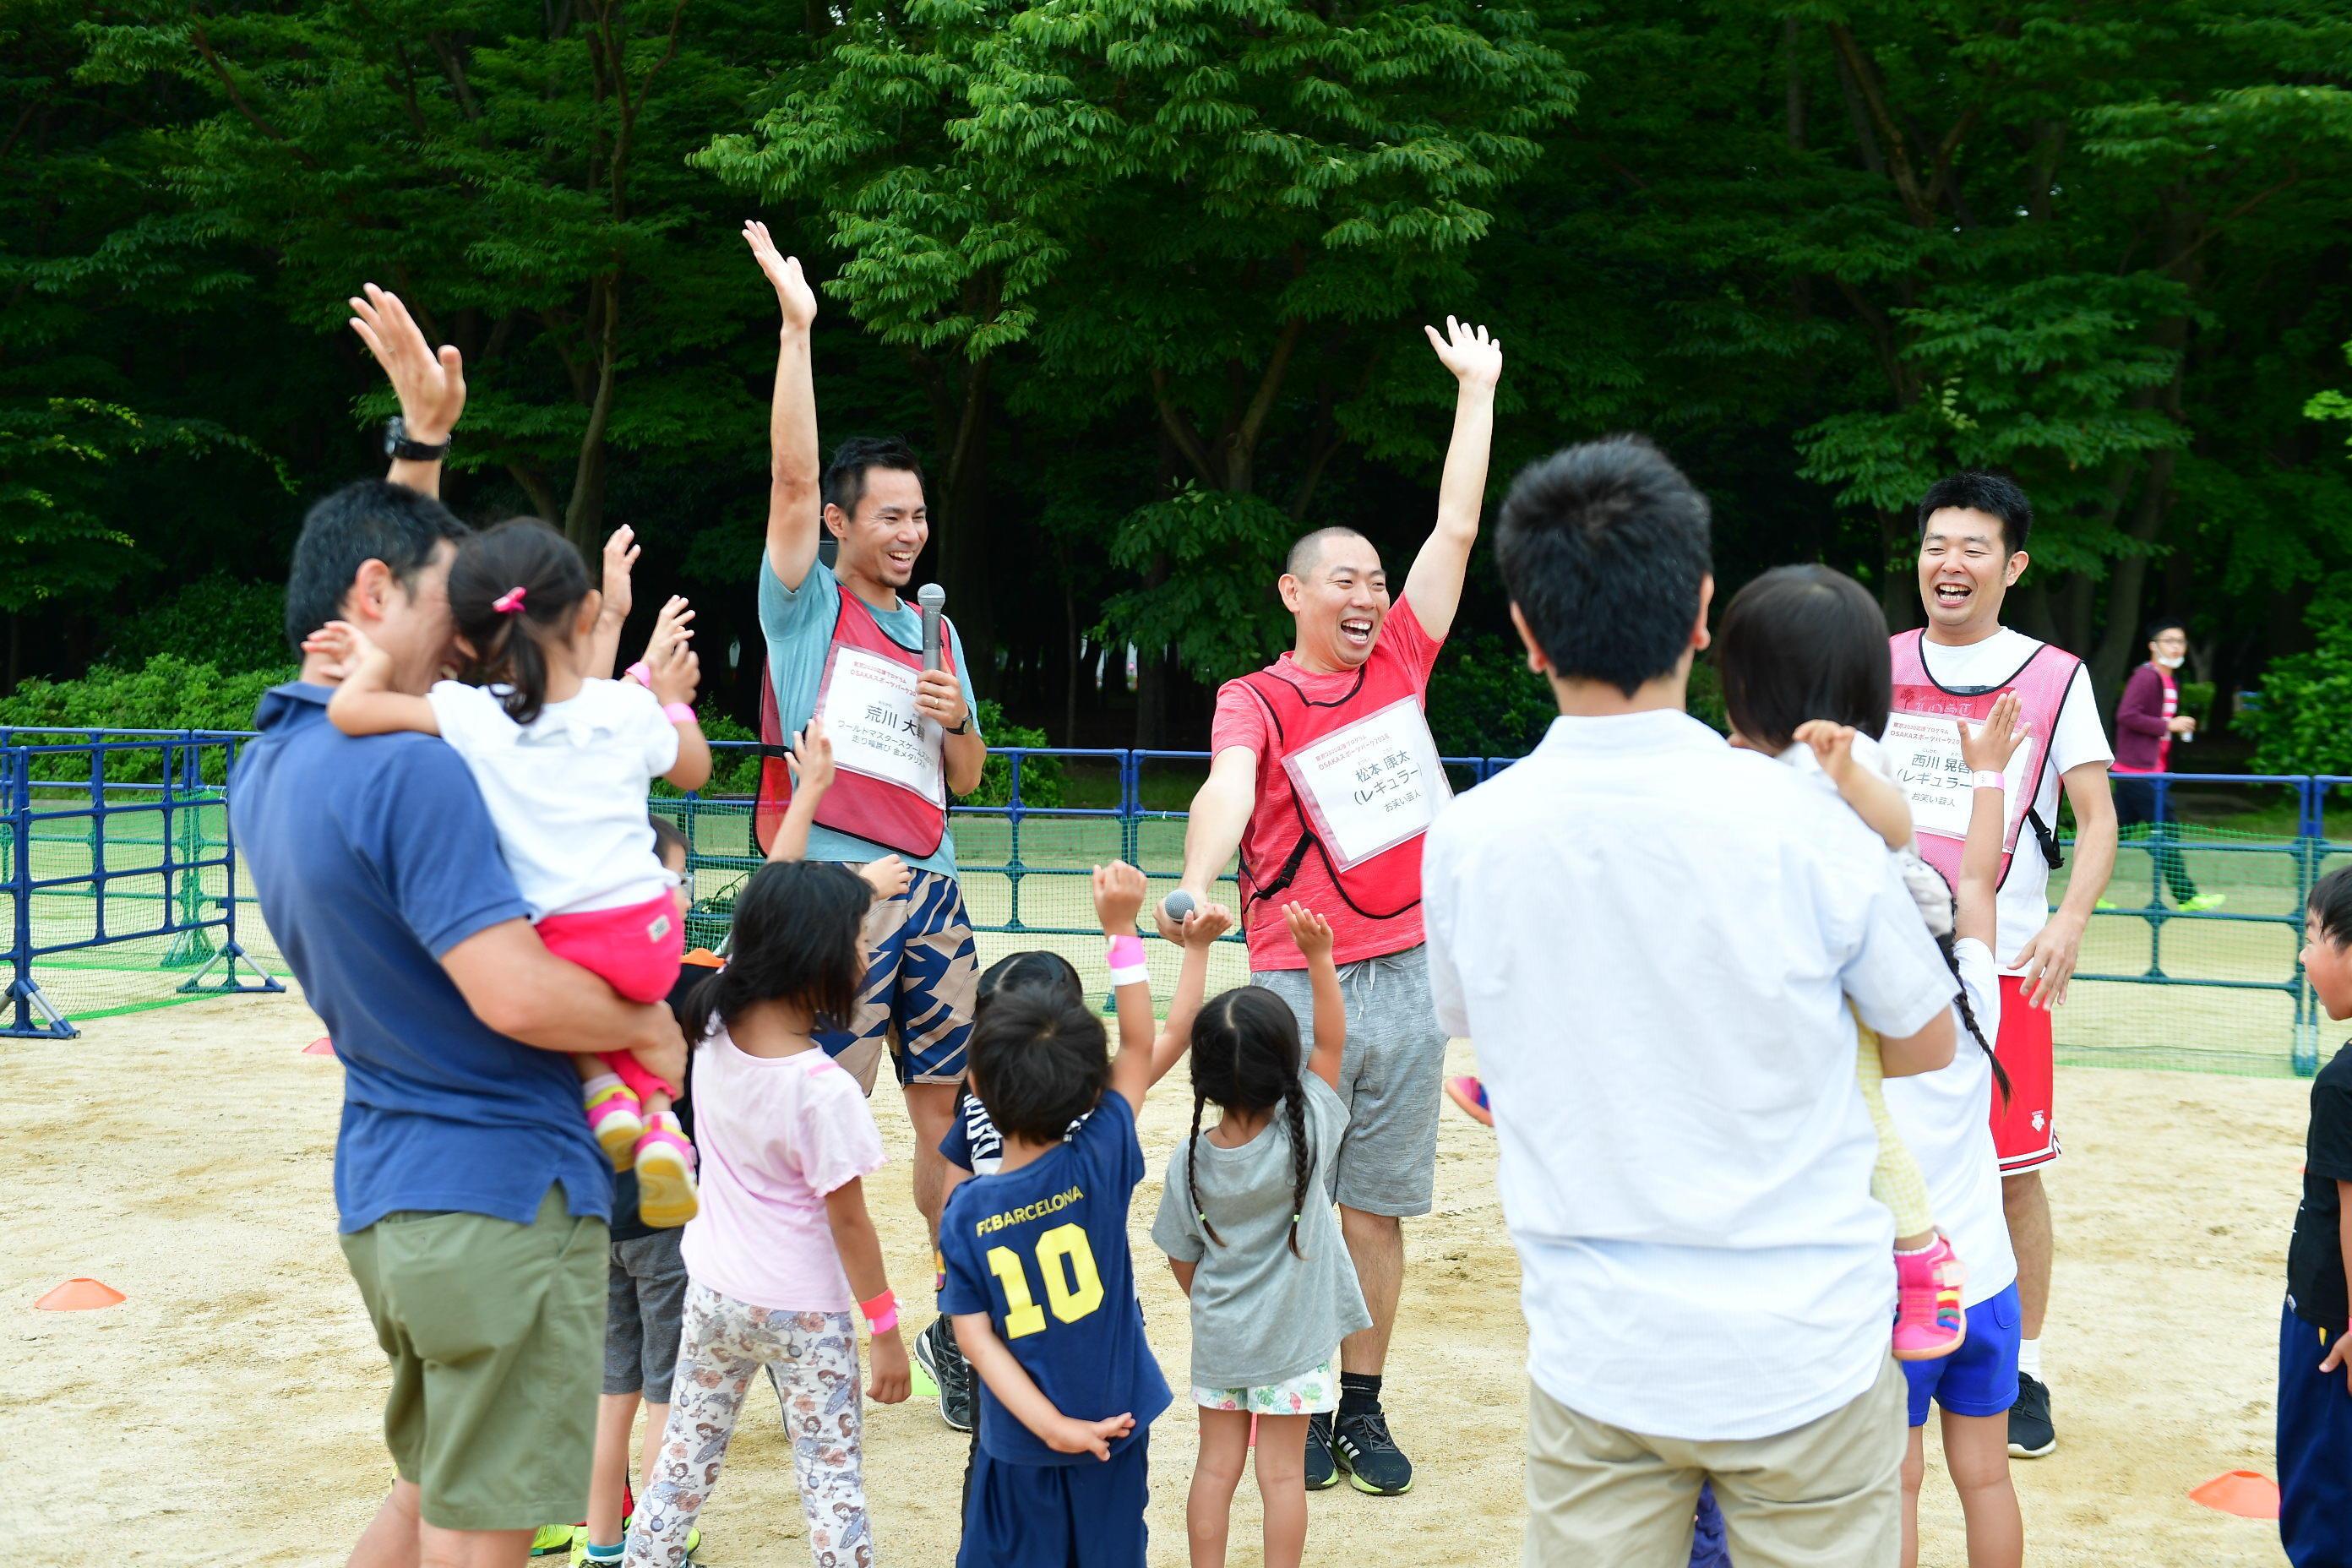 http://news.yoshimoto.co.jp/20180612160648-a7d31ef1ebf14dcba433365cdec8dc9a489de5bf.jpg